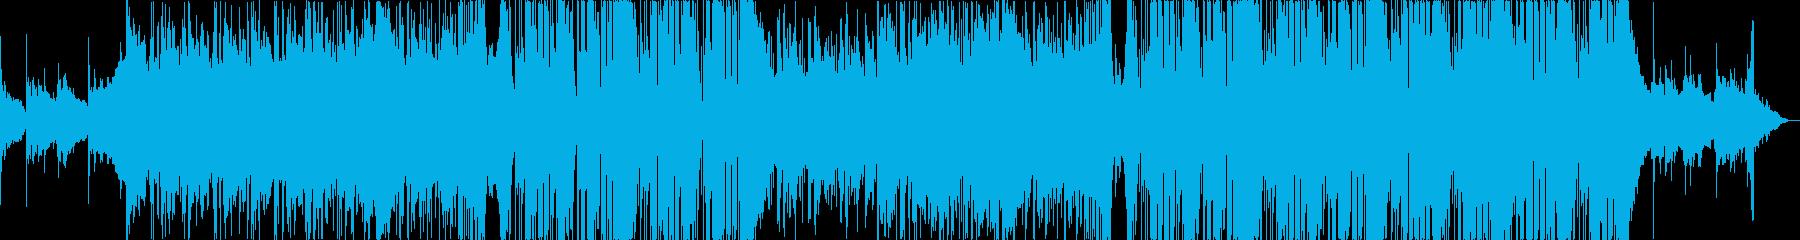 お洒落な雰囲気でかっこいいエレクトロの再生済みの波形